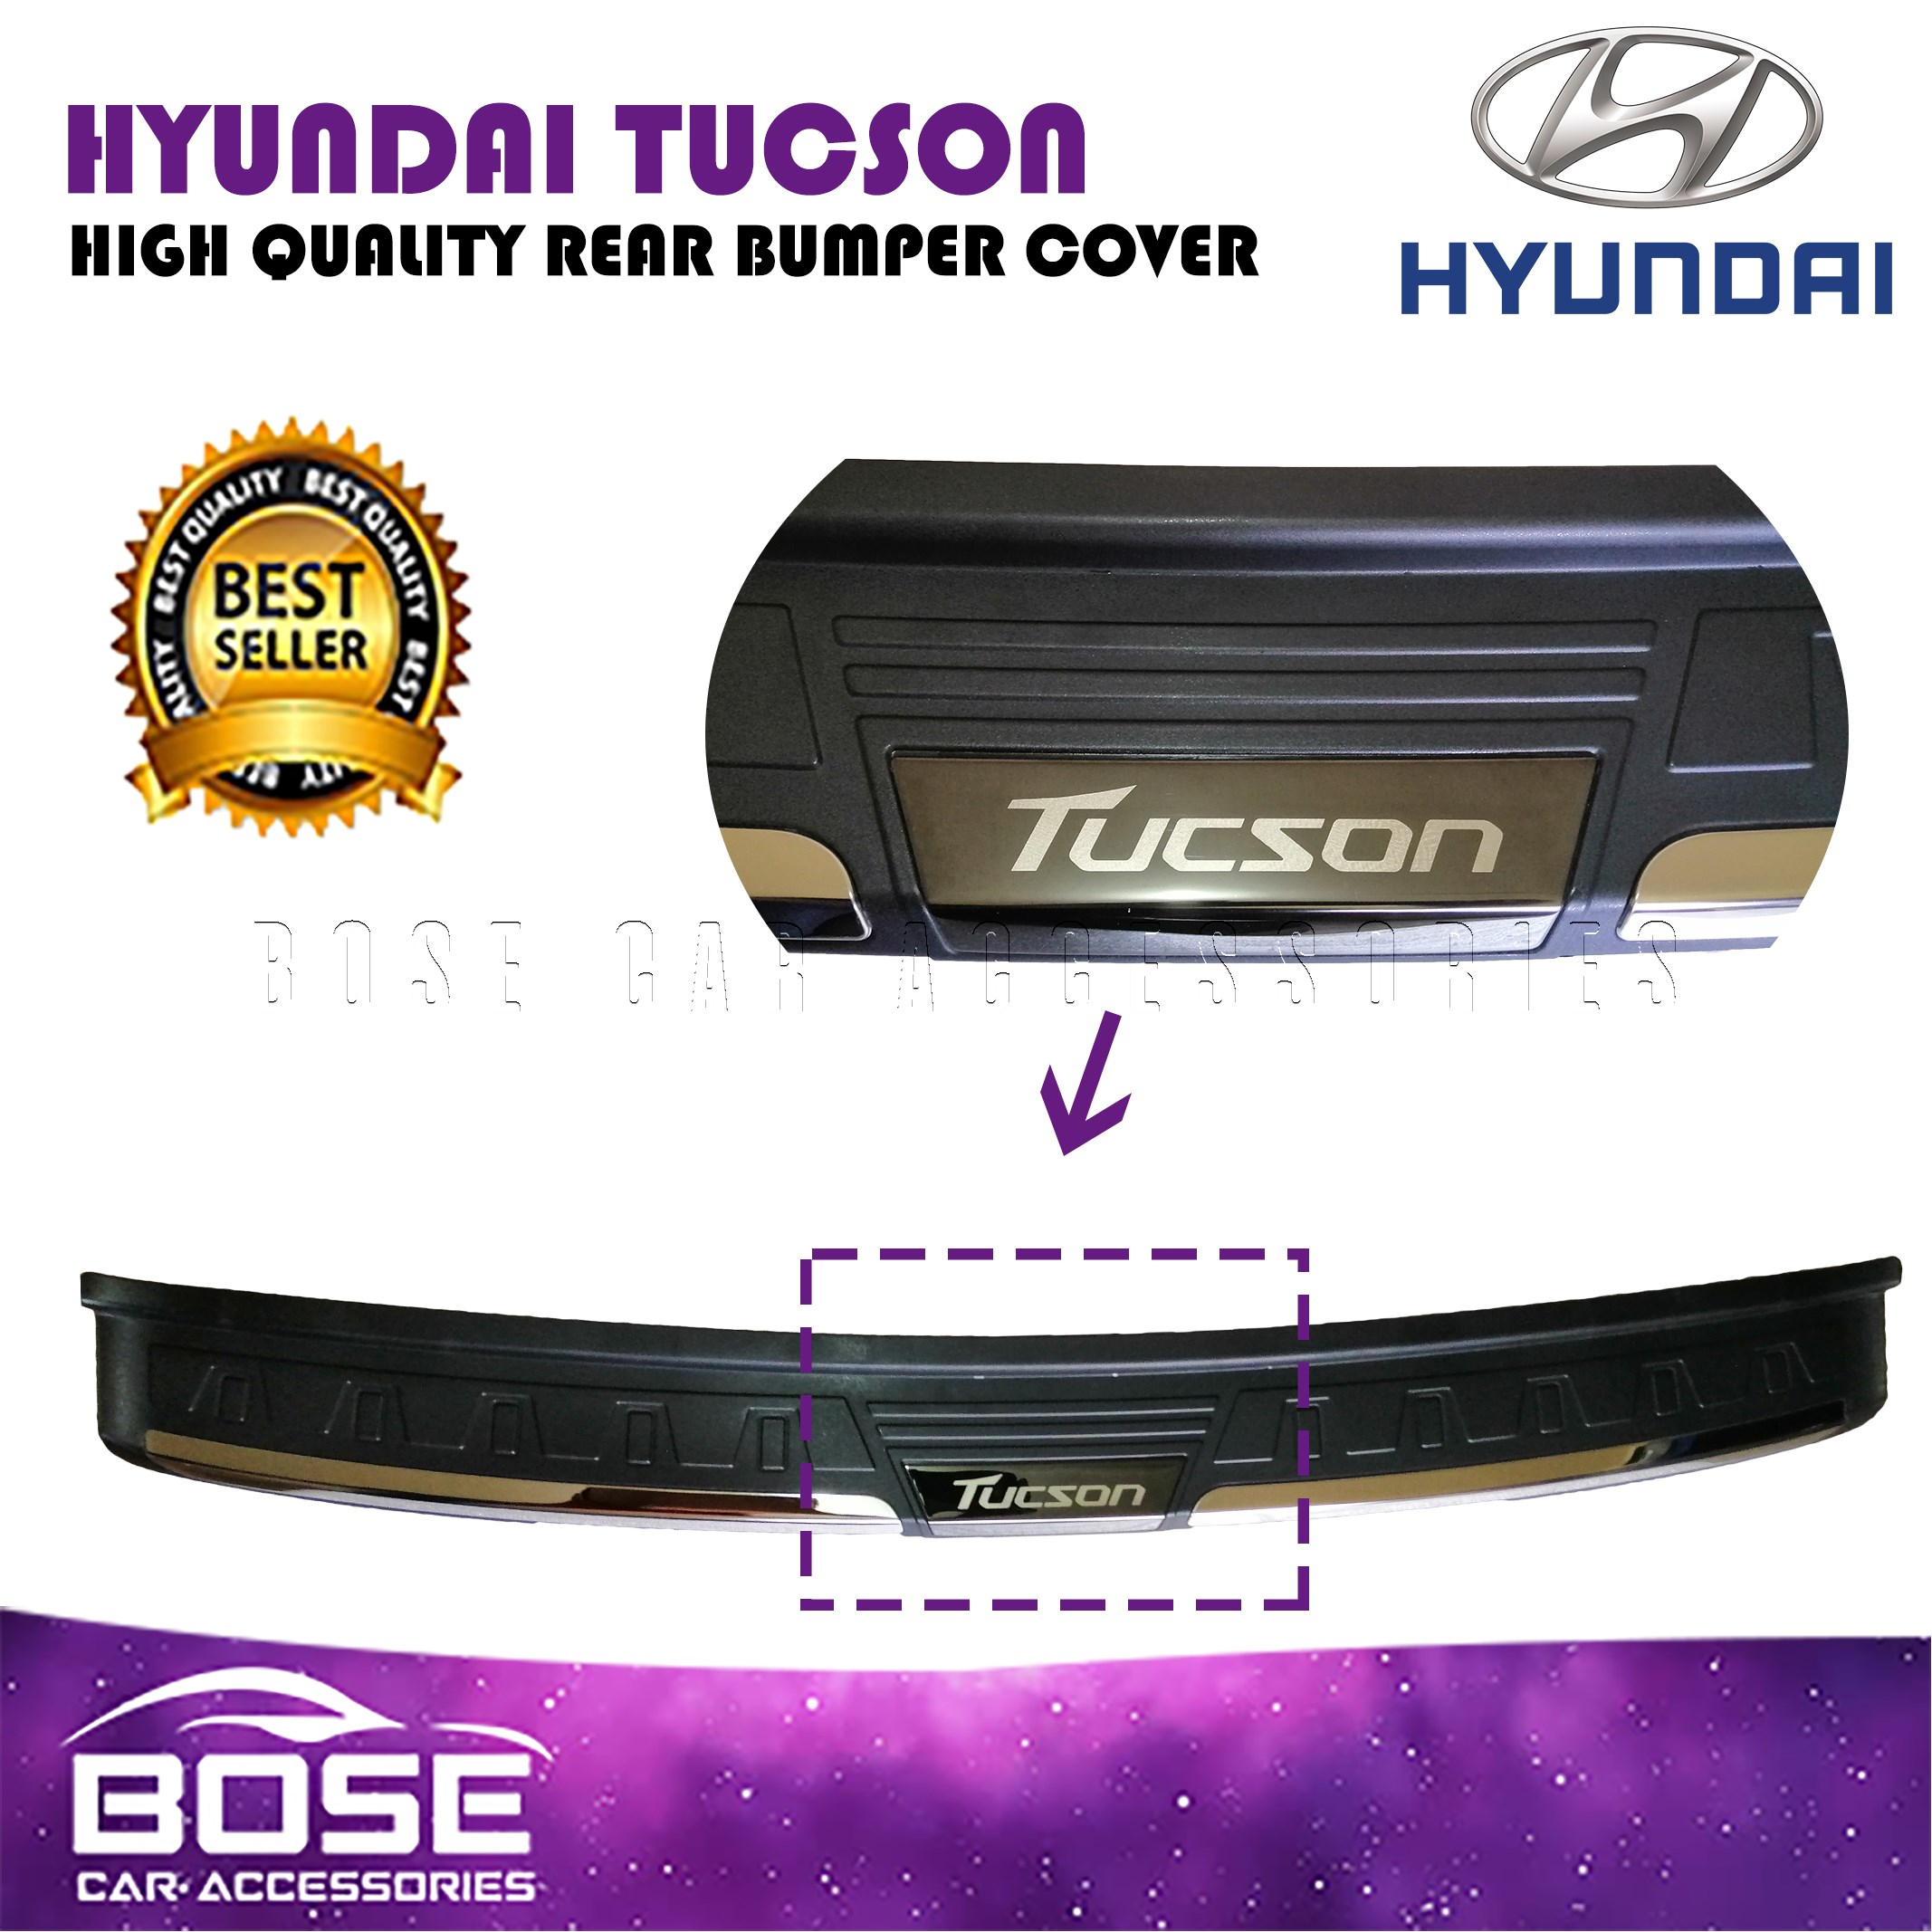 Rear Bumper Cover for Hyundai Tucson 2015-2018 Applique Guard Scuff Protection